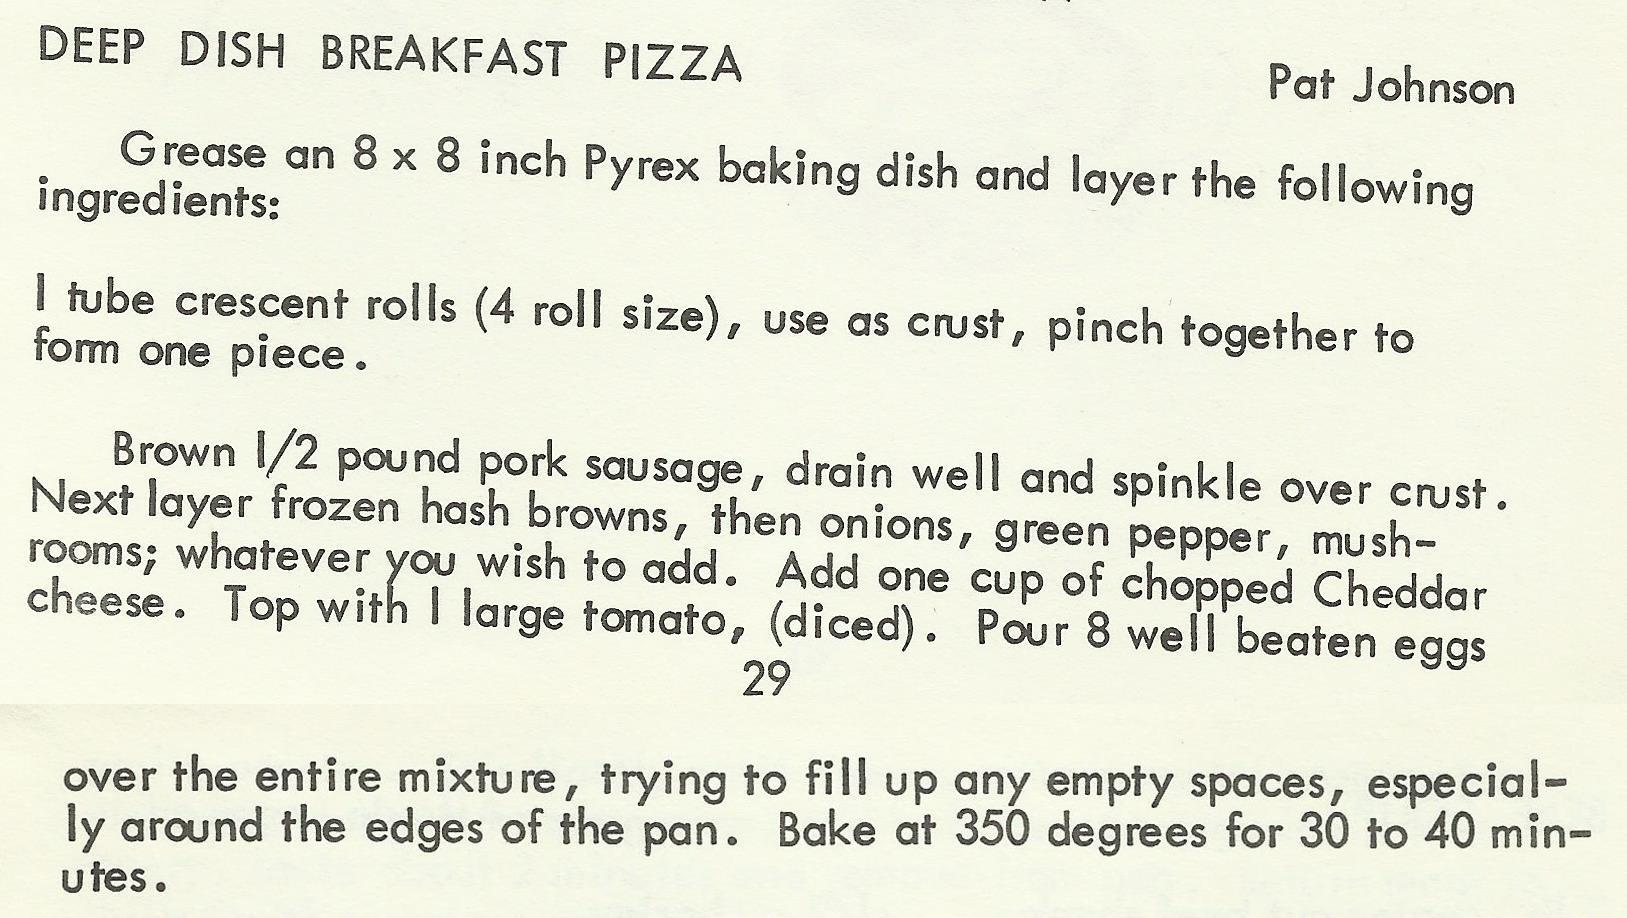 Deep Dish Breakfast Pizza